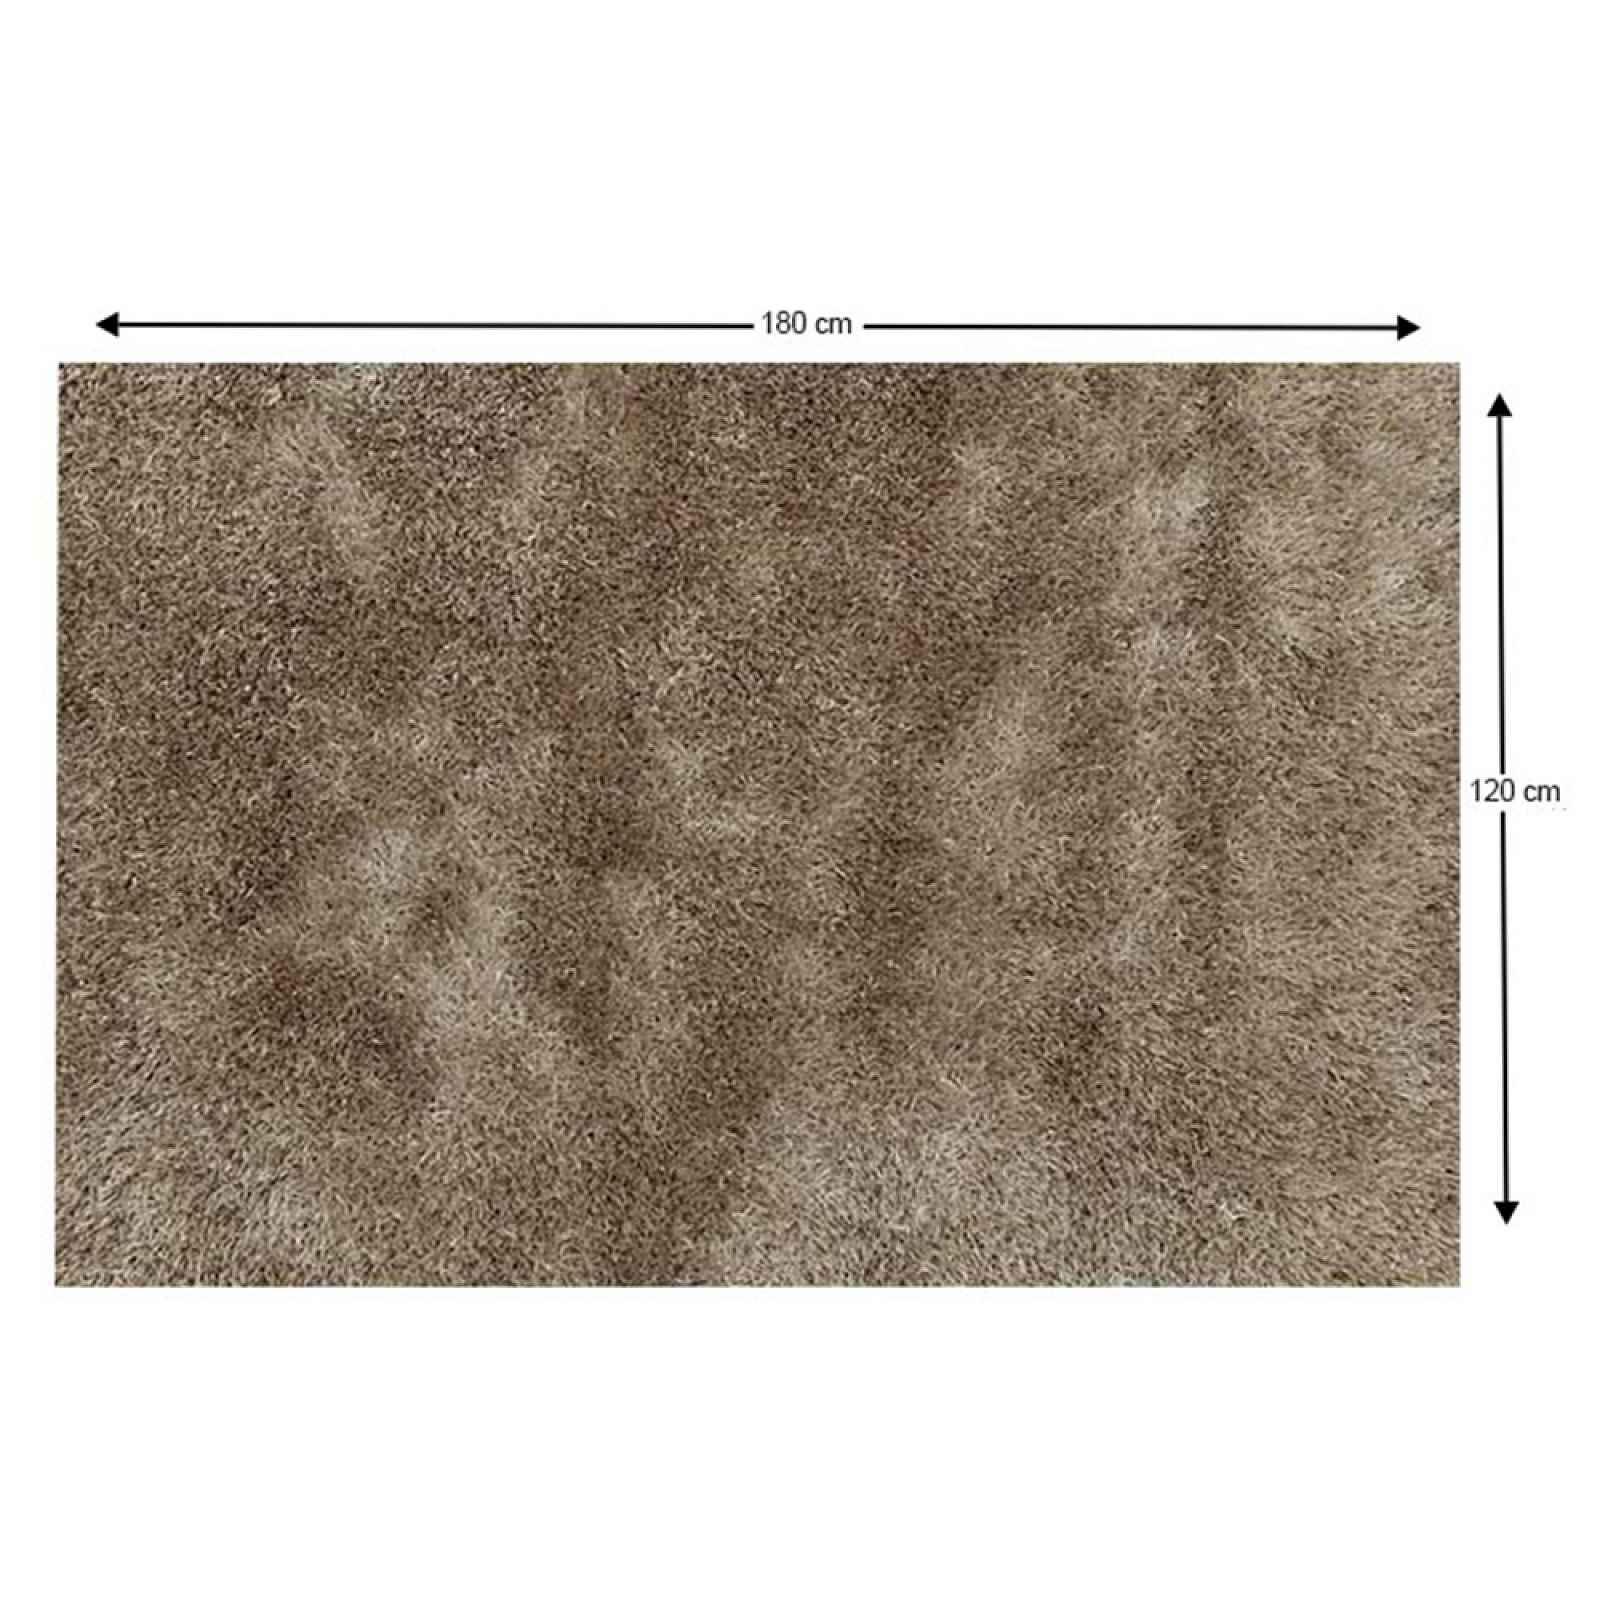 Shaggy koberec AROBA krémová Tempo Kondela 120x180 cm